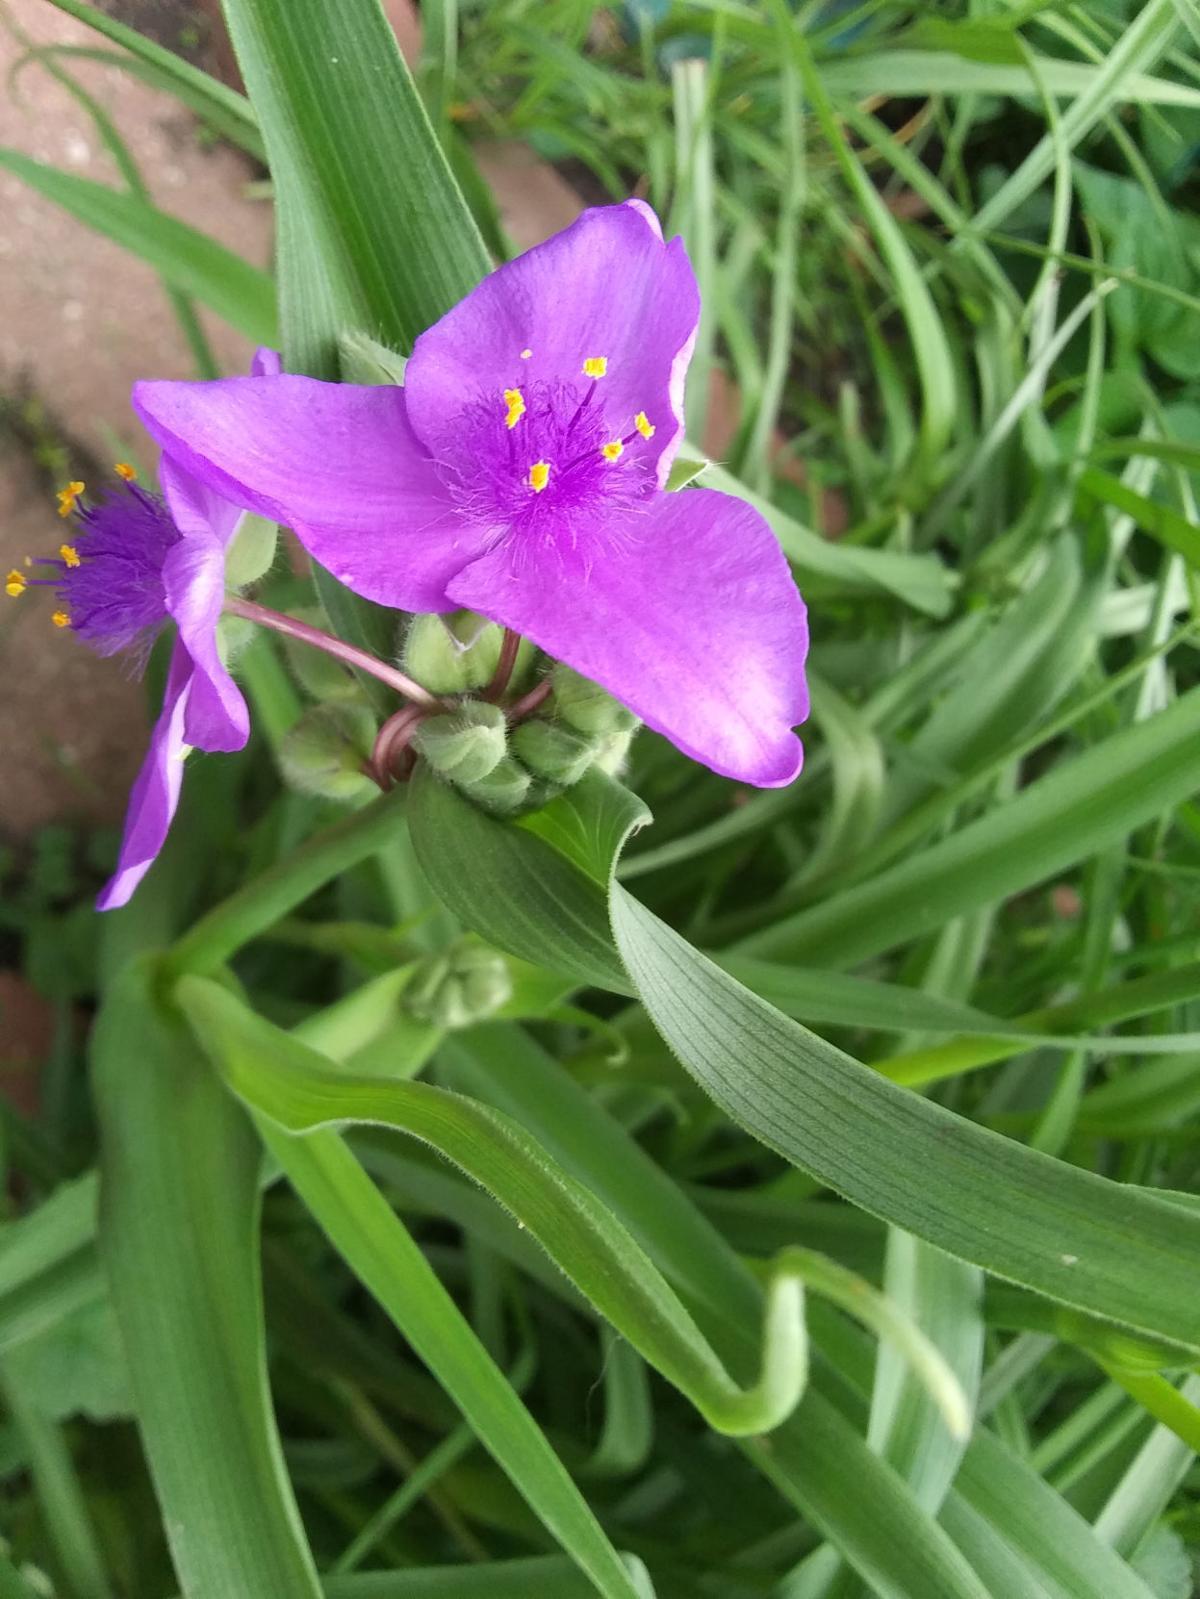 spiderwort plant.jpg